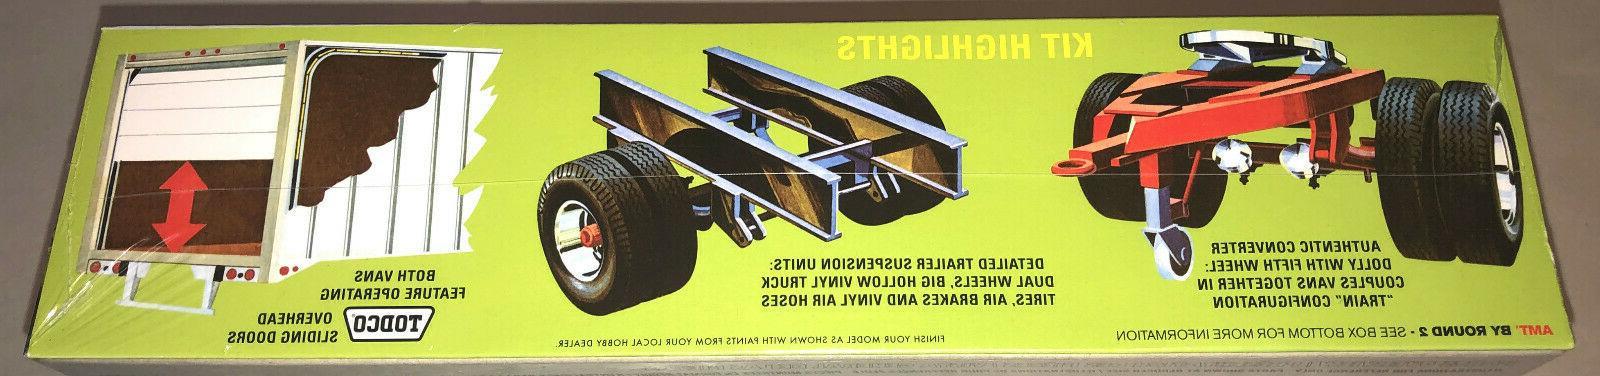 AMT Header Van Trailers 1:25 model kit 1132